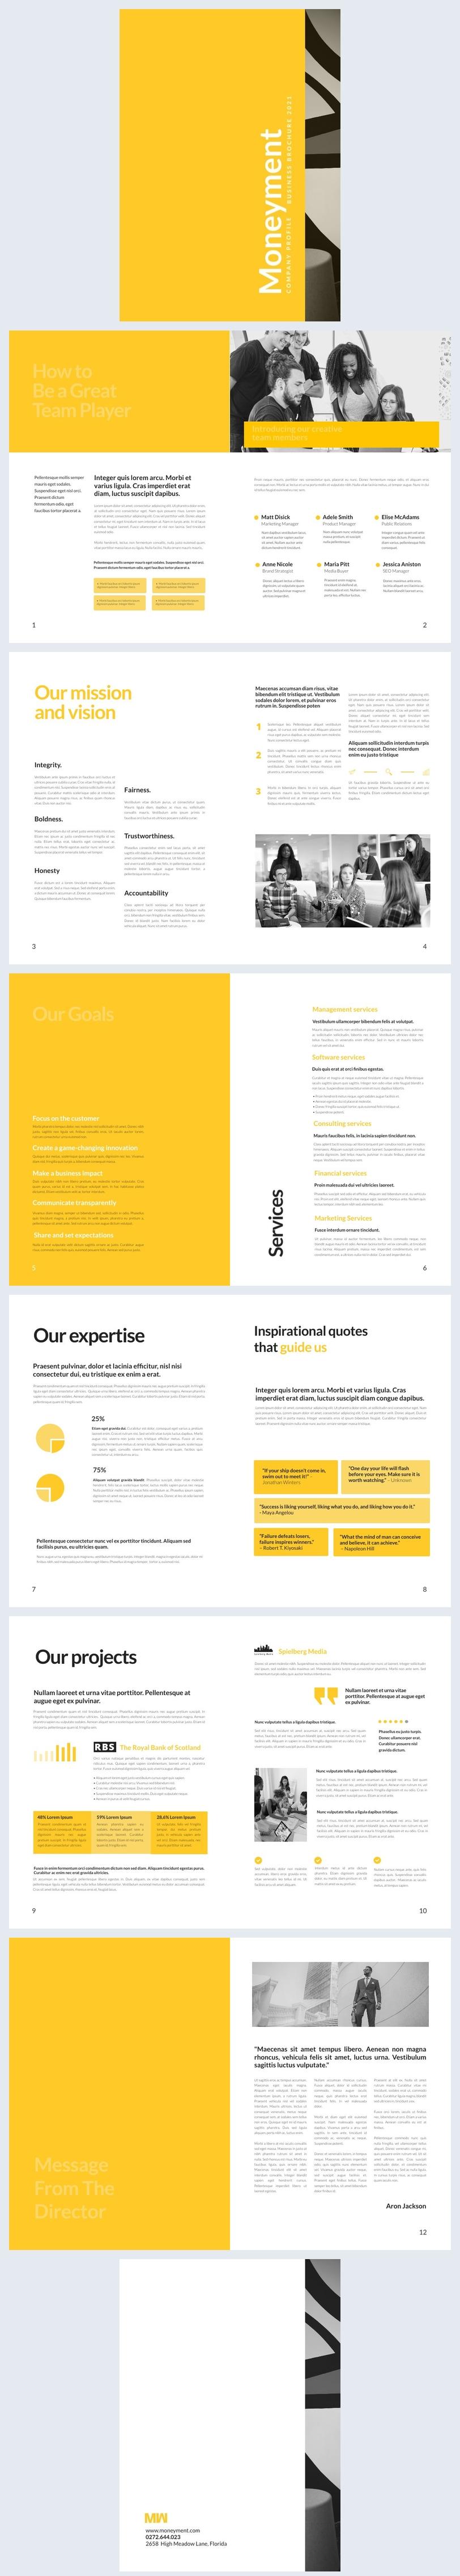 Bewerkbaar Digitale Bedrijfsbrochure Ontwerp Voorbeeld